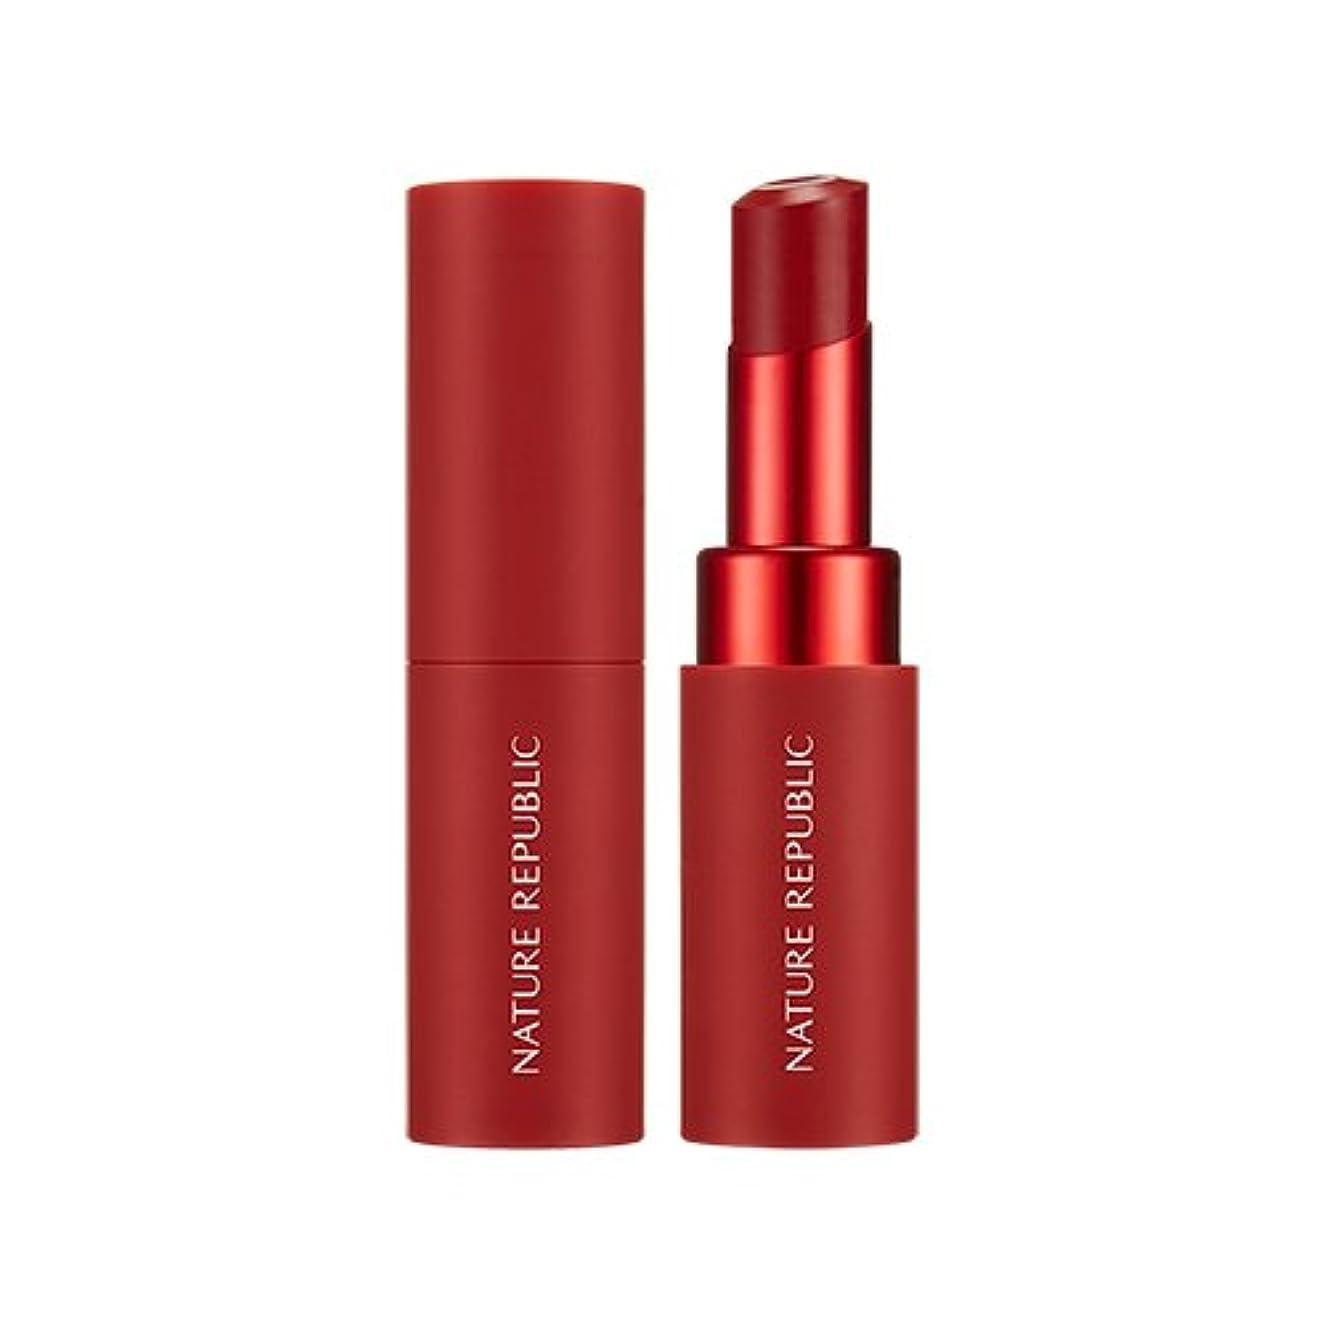 オークションゴールデン心臓NATURE REPUBLIC Real Matte Lipstick (01 Real Red) / ネイチャーリパブリック リアルマットリップスティック [並行輸入品]